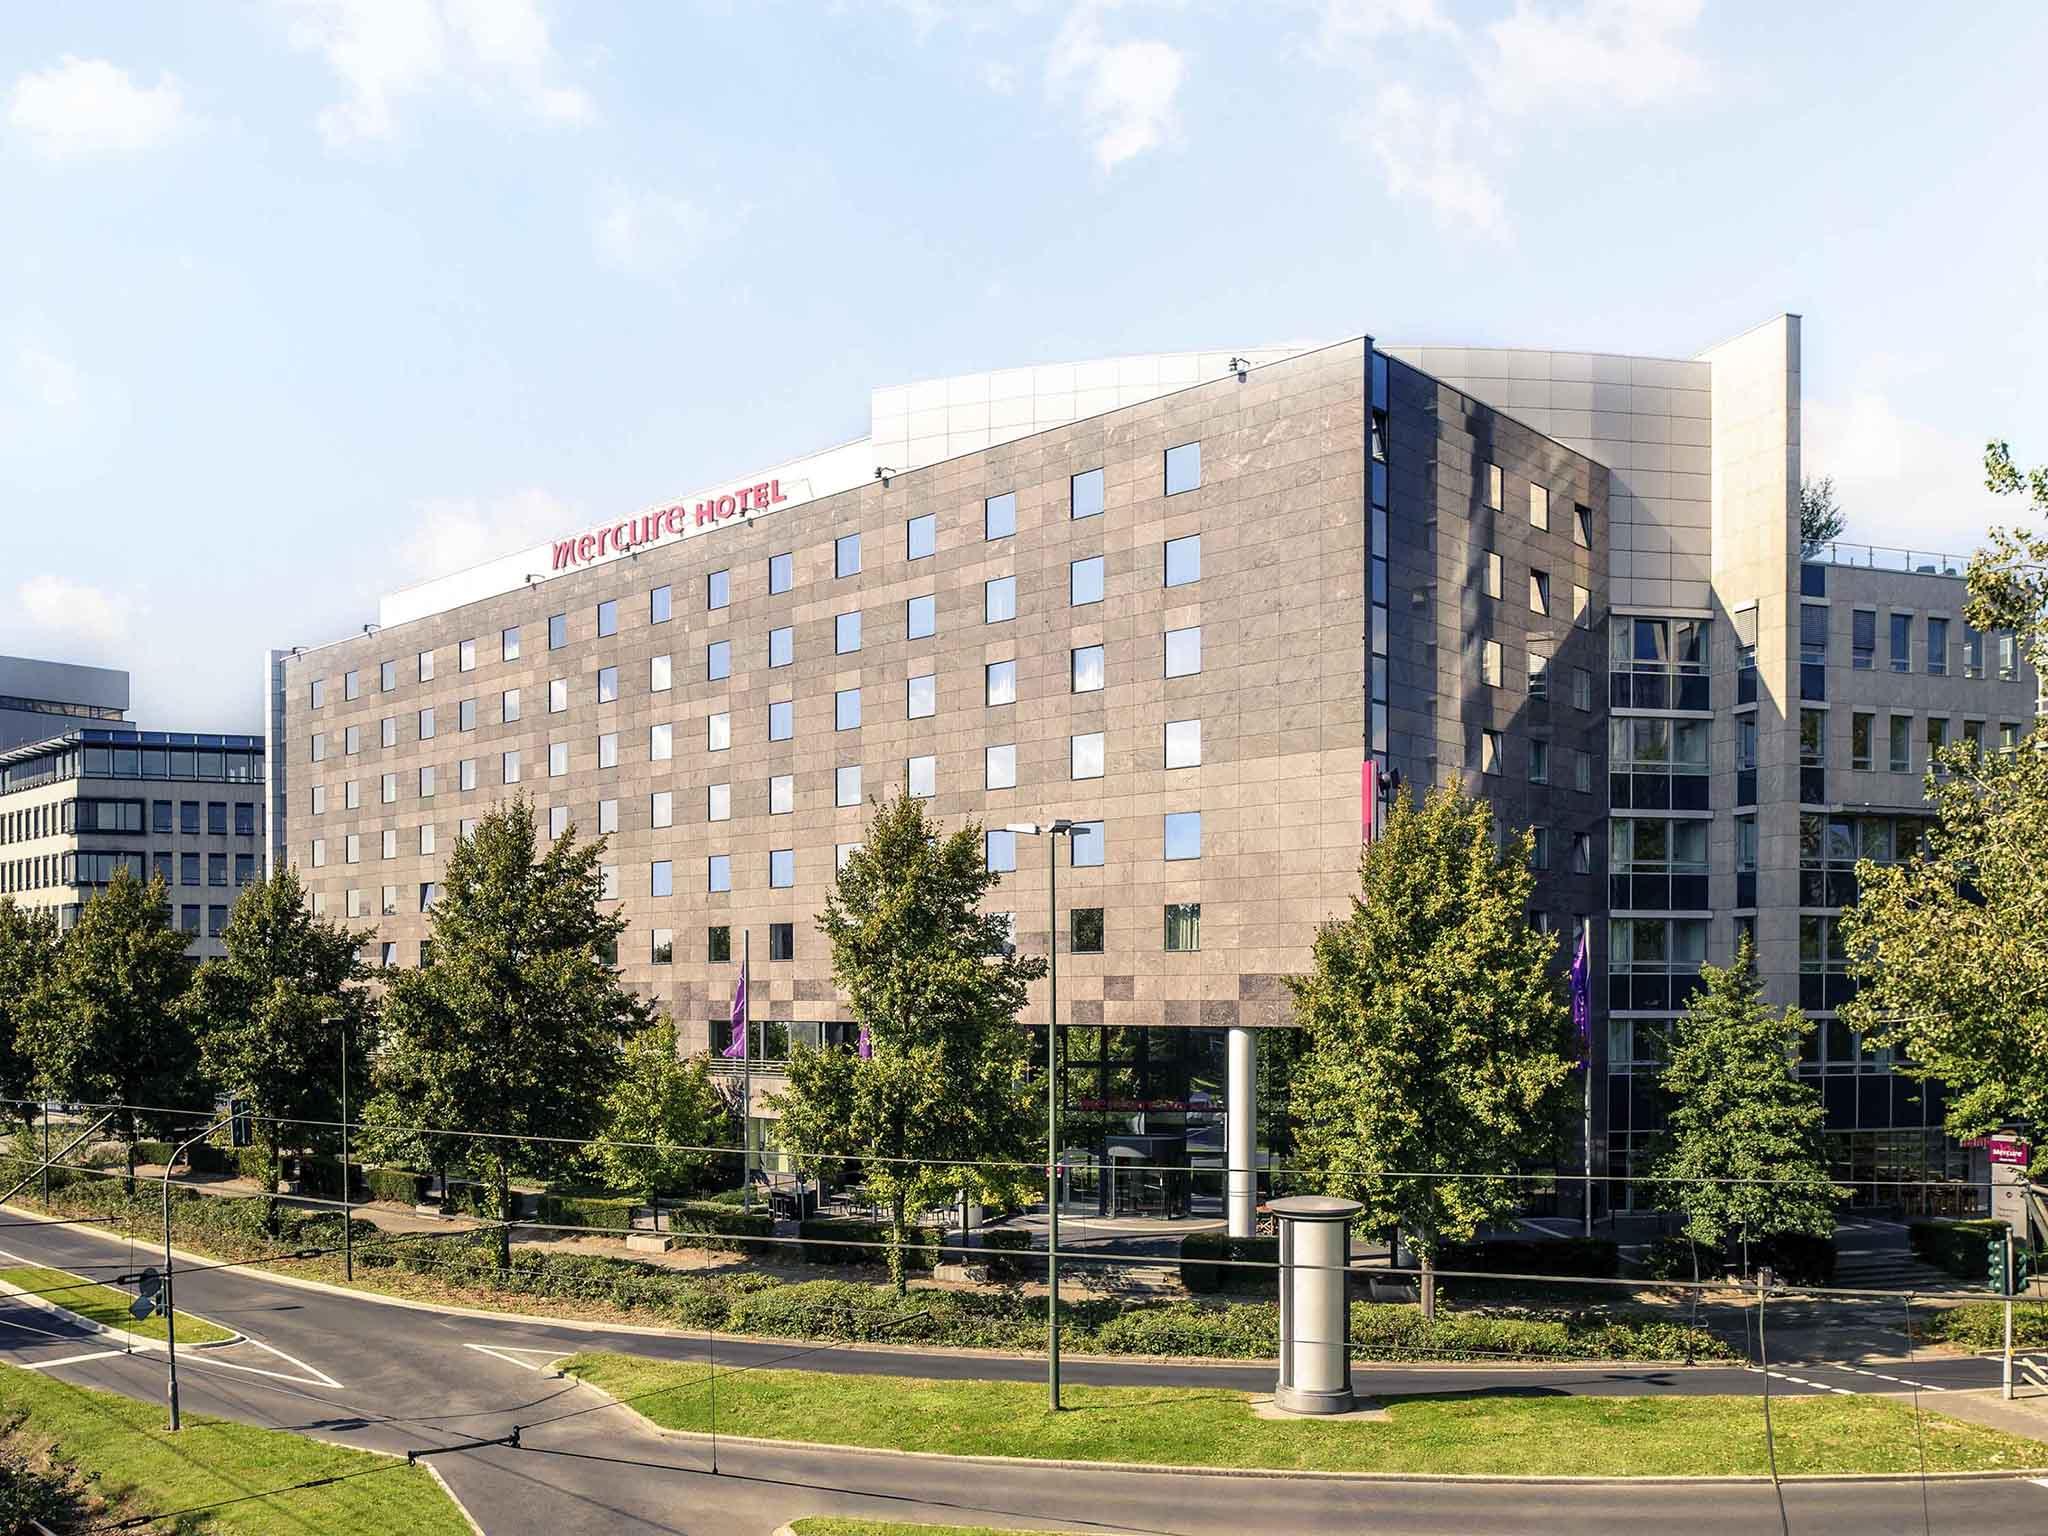 ホテル – メルキュールホテルデュッセルドルフゼーシュテルン